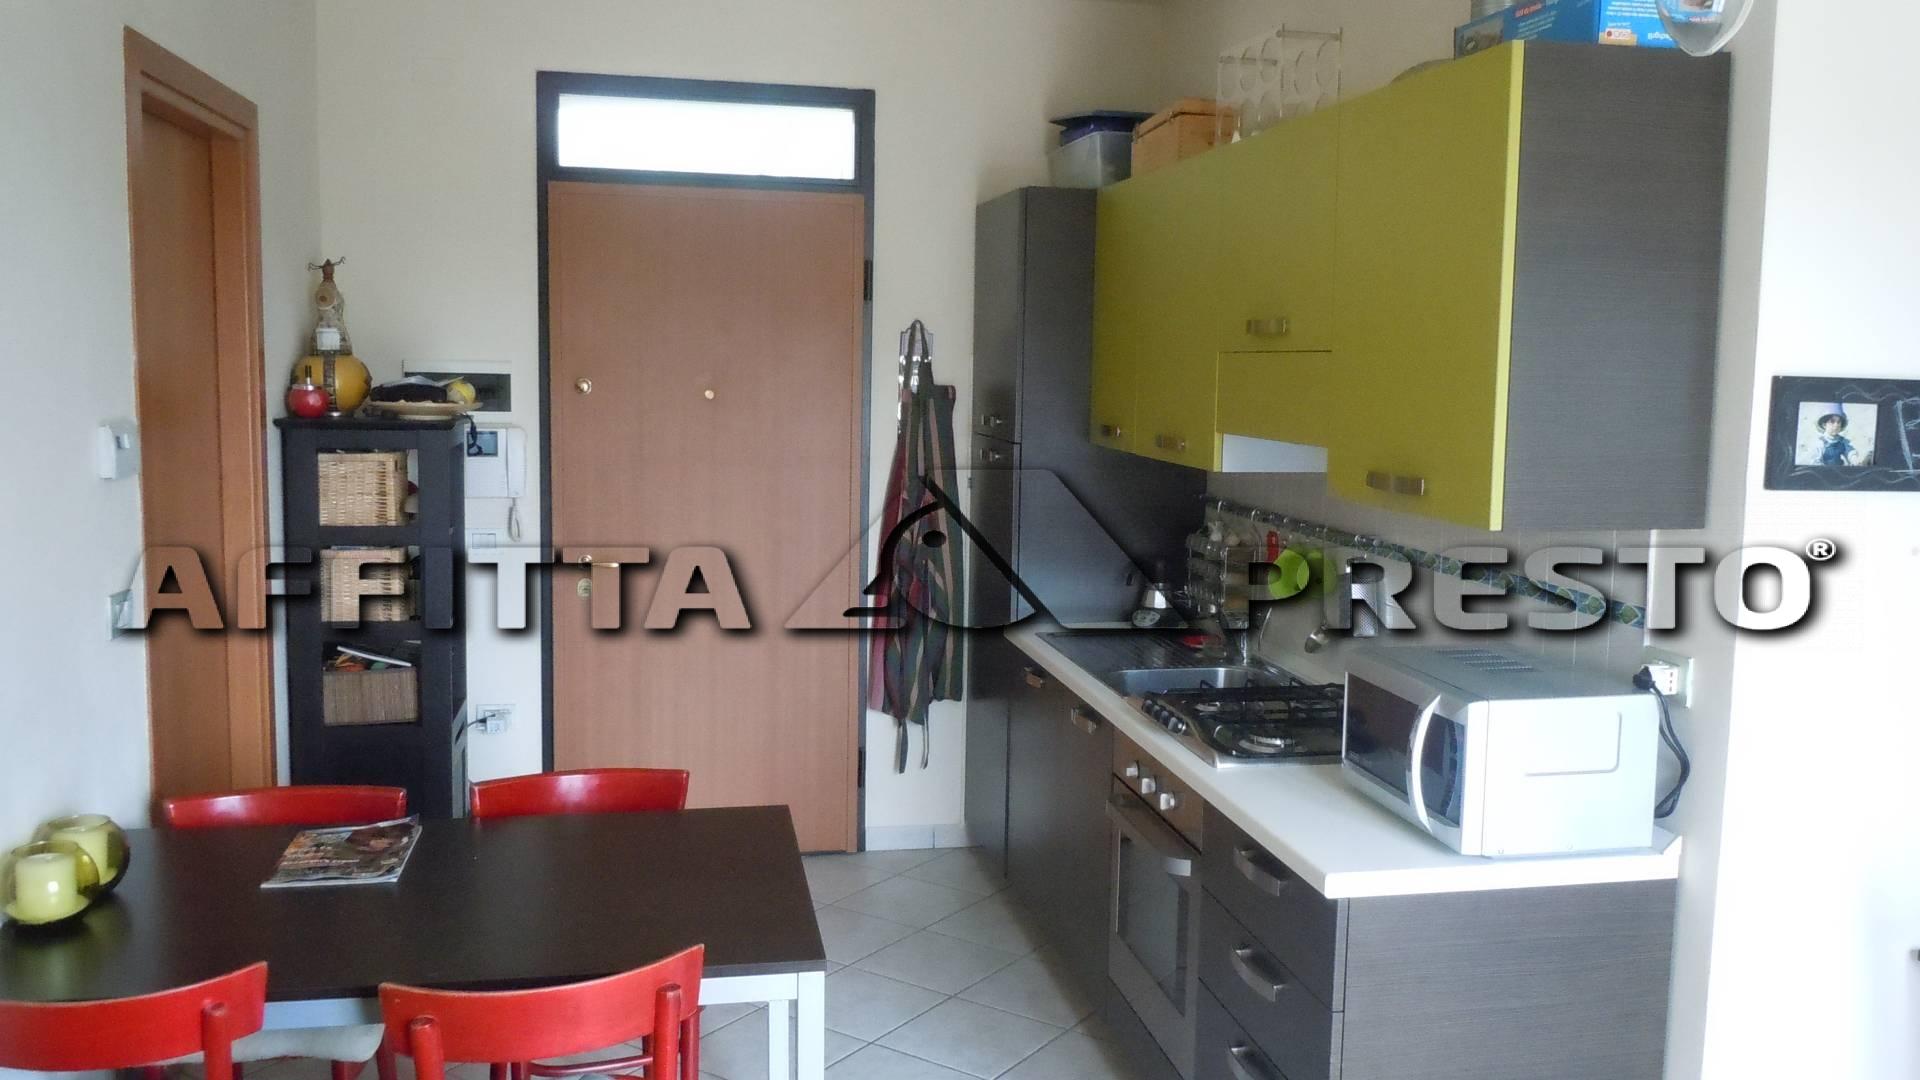 Appartamento in affitto a Cesena, 2 locali, zona Località: Stadio, prezzo € 555 | Cambio Casa.it